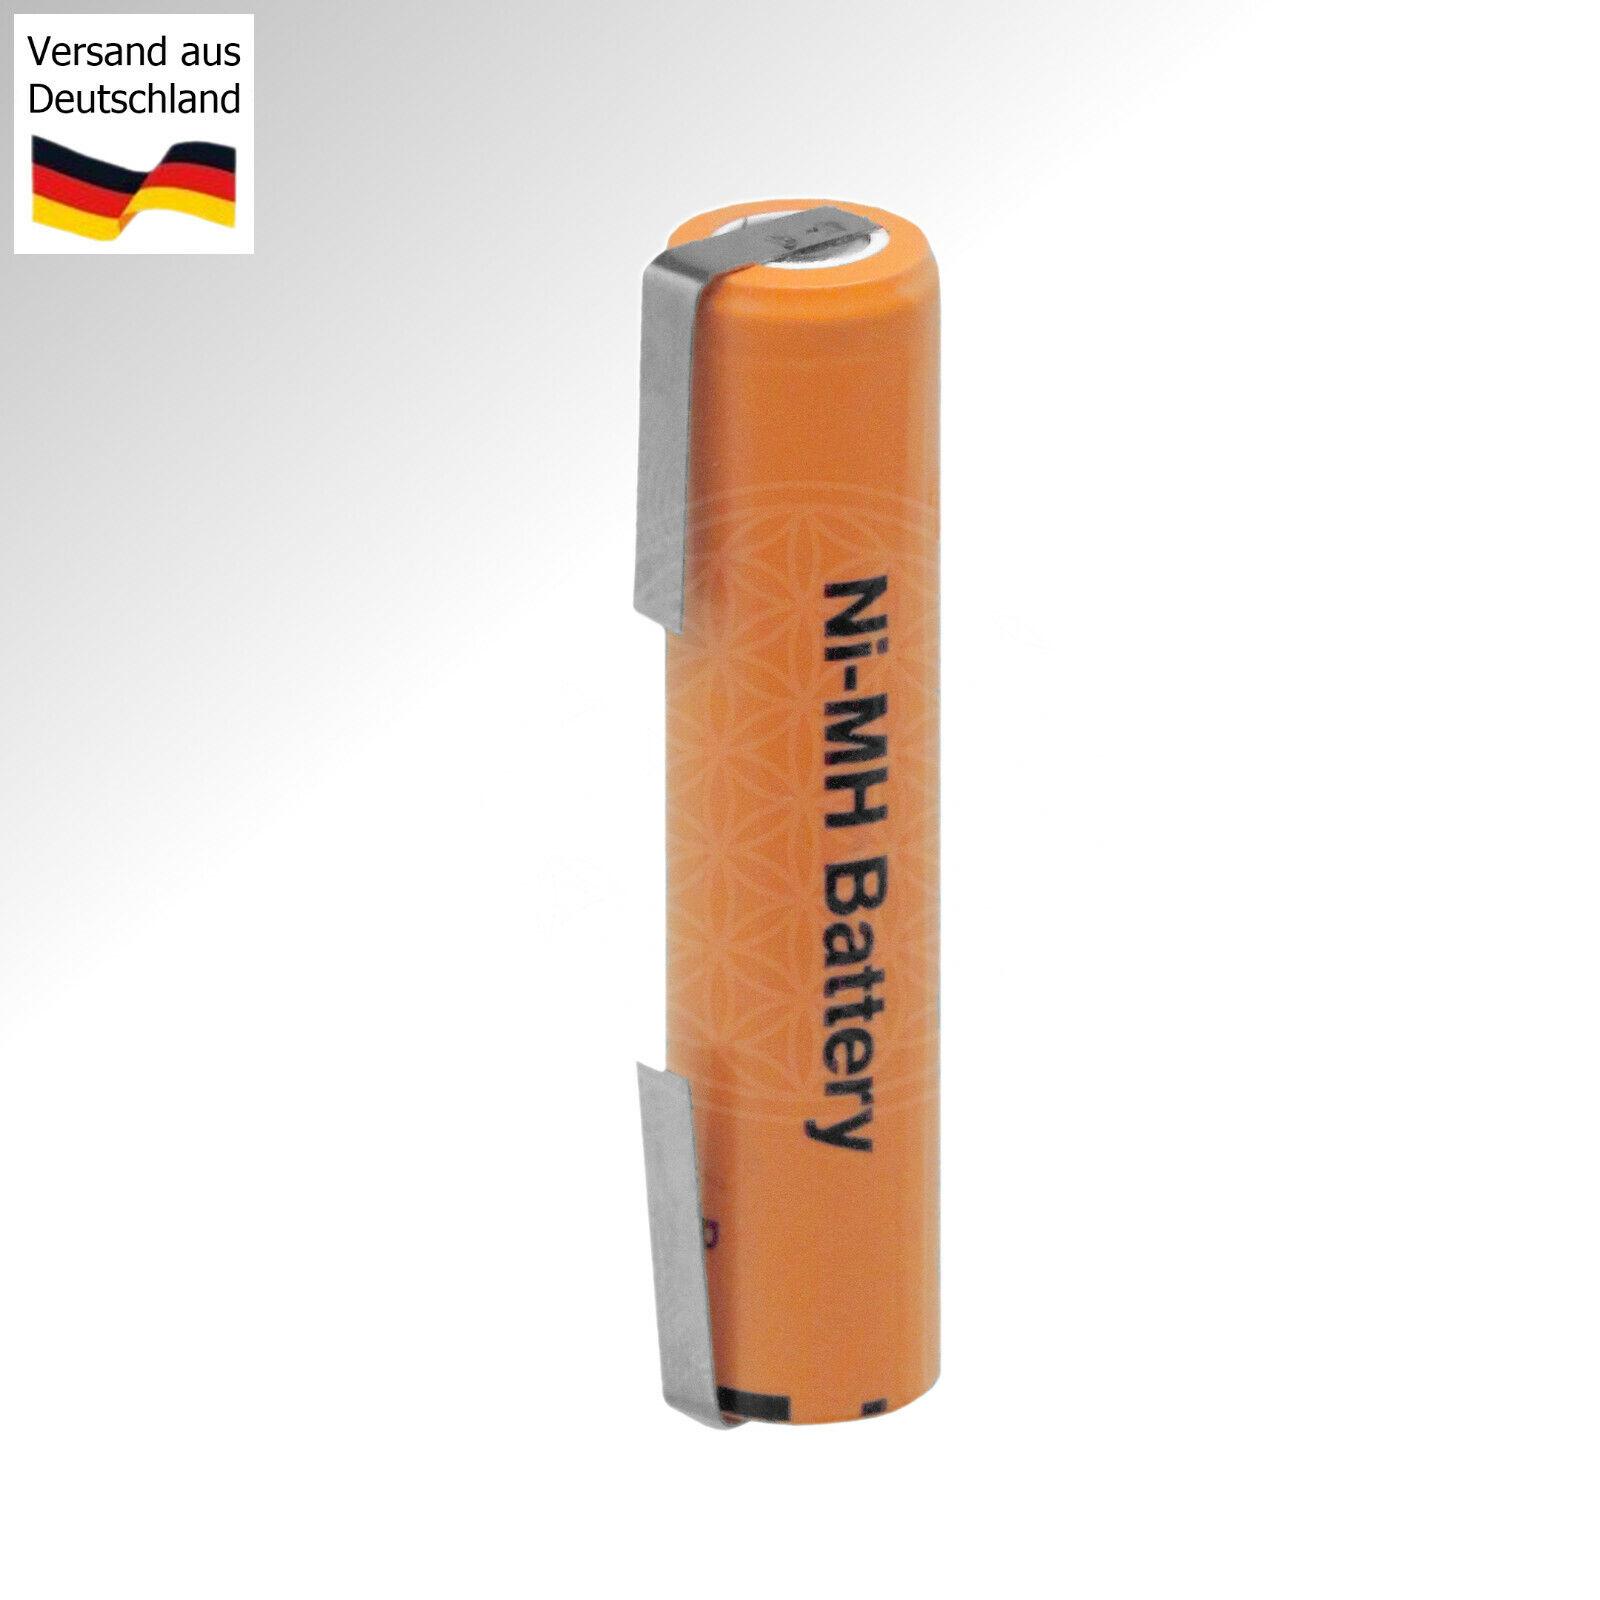 Ersatz Akku für elektrische Zahnbürste Oral B Pulsonic Slim Typ 3716a Type 3716